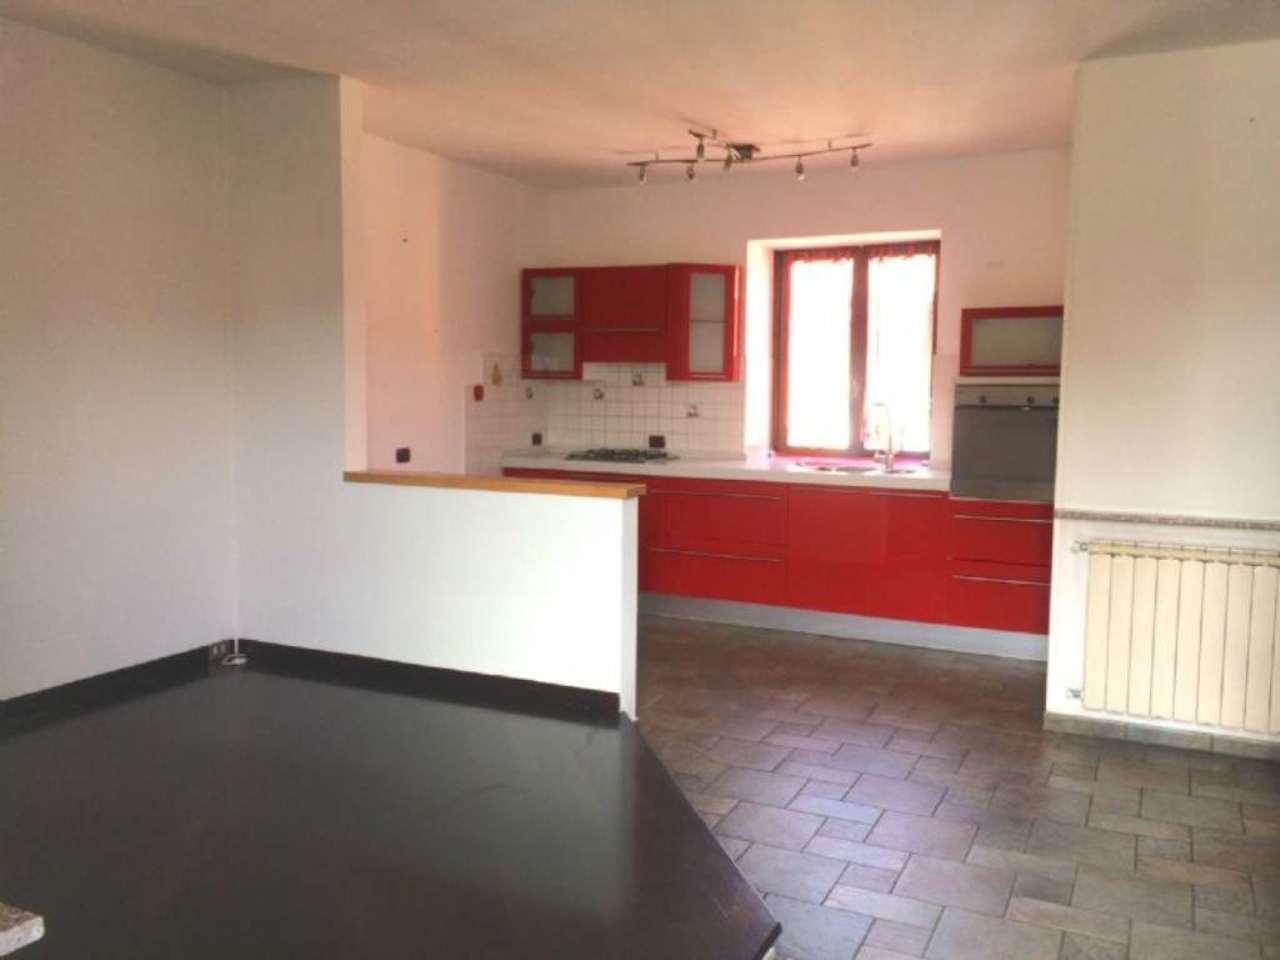 Soluzione Semindipendente in vendita a Crosio della Valle, 4 locali, prezzo € 145.000   Cambio Casa.it